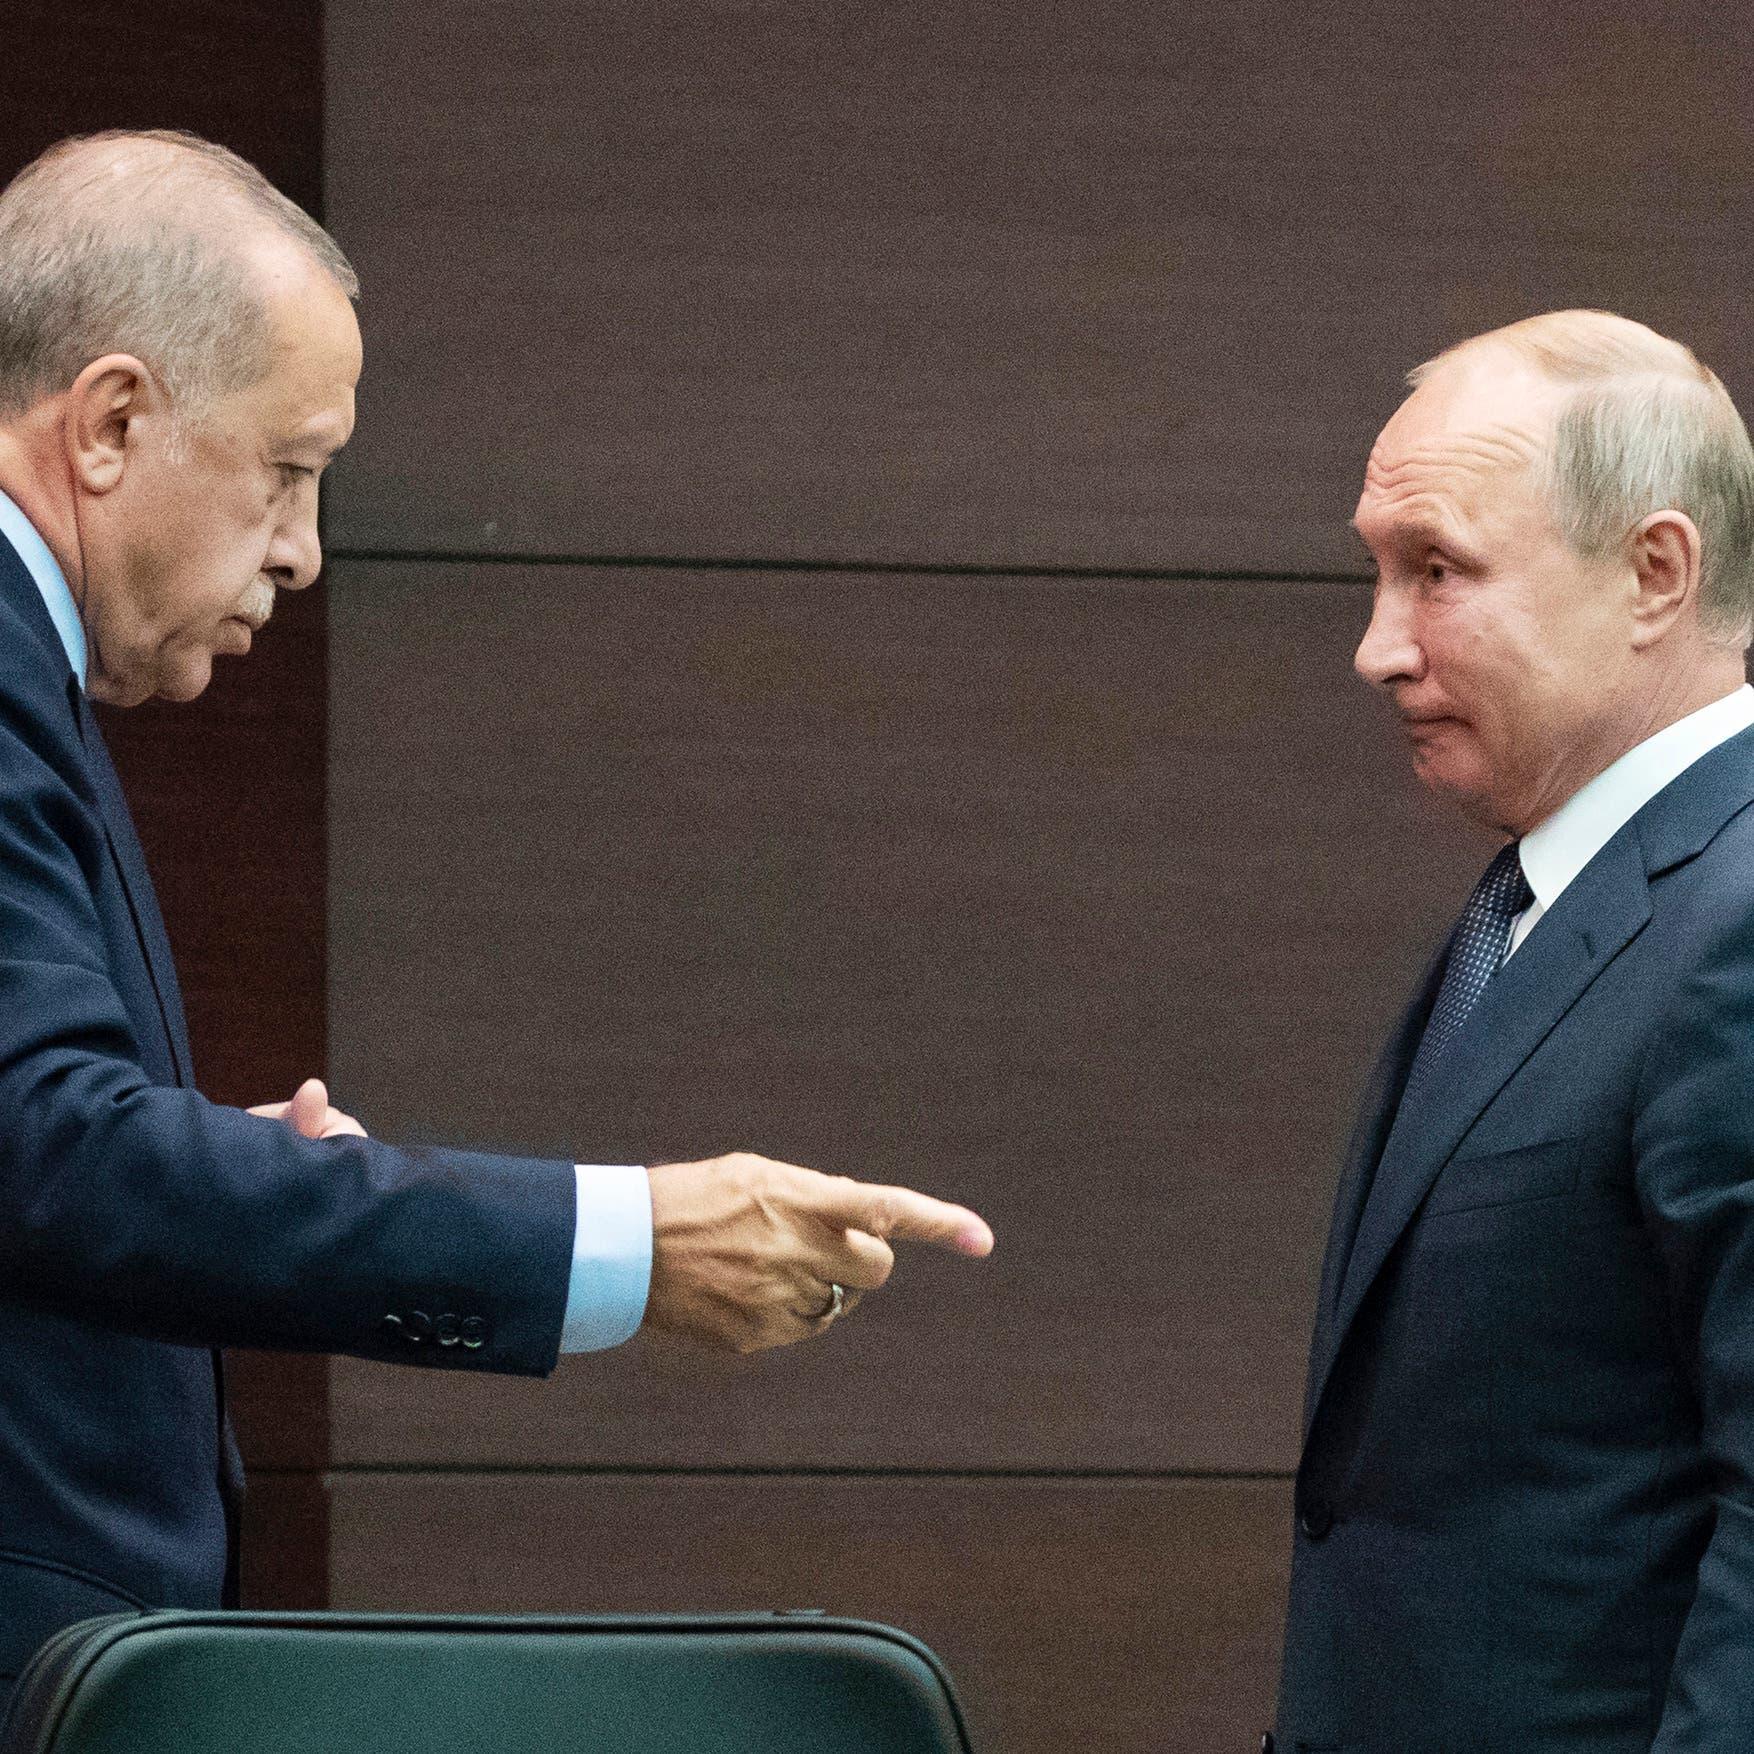 إدلب بلا إرهابيين في قمة سوتشي.. بوتين وأردوغان يتفقان